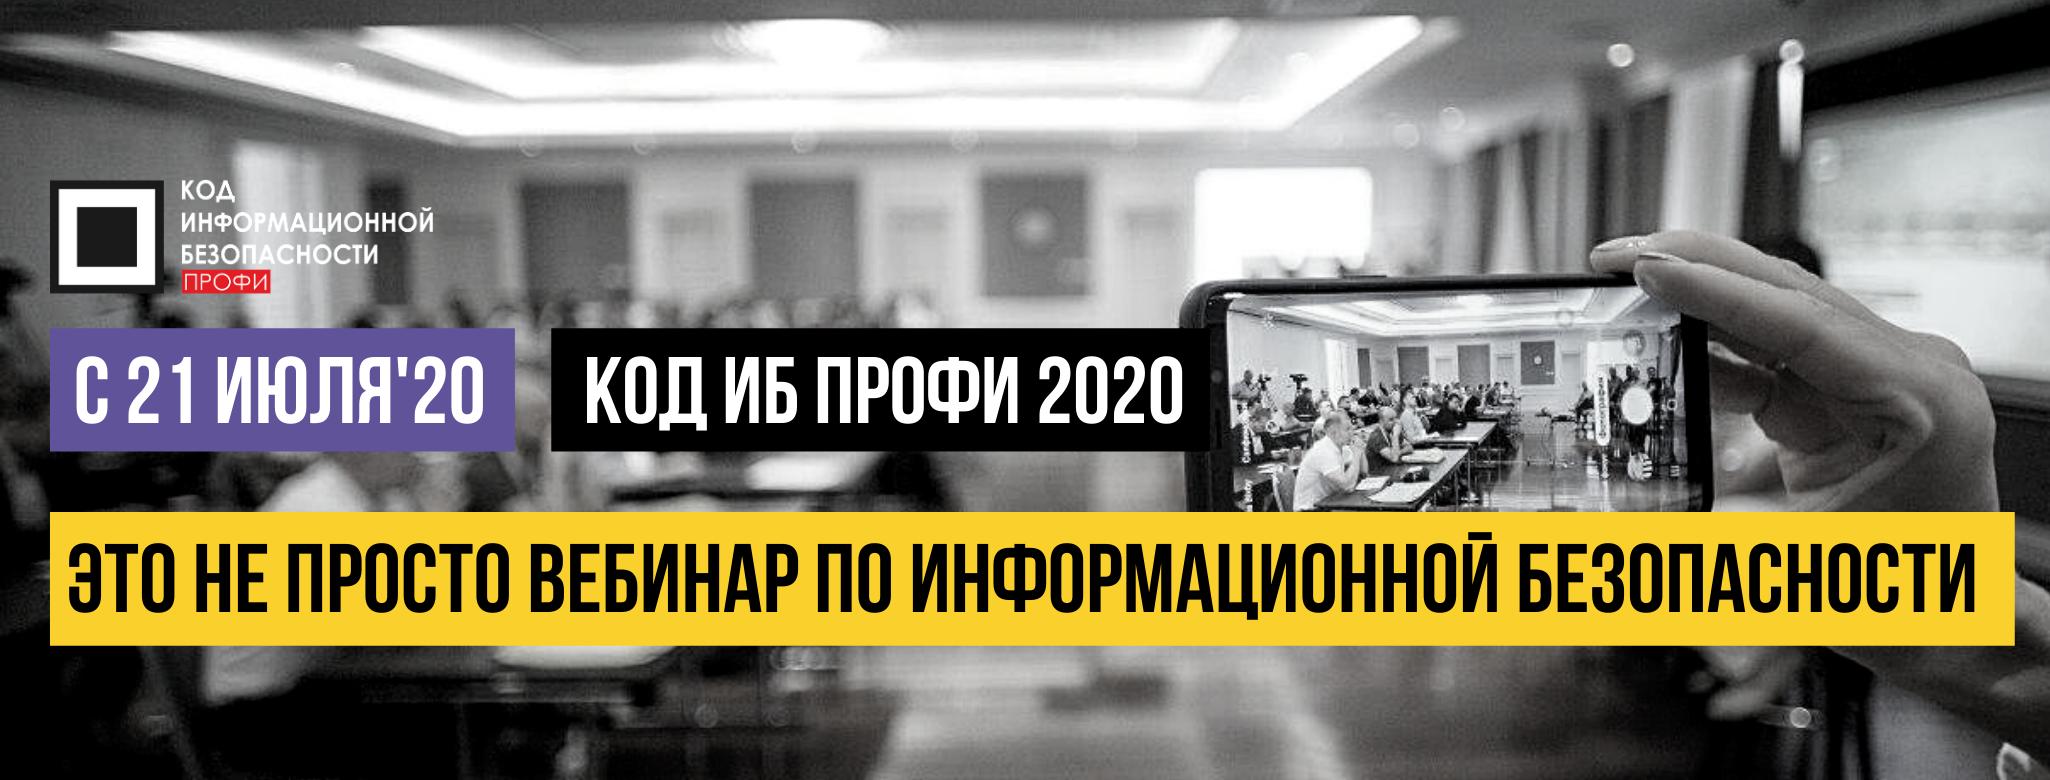 21 июля стартует долгожданный интенсив для ИБ-руководителей КОД ИБ ПРОФИ